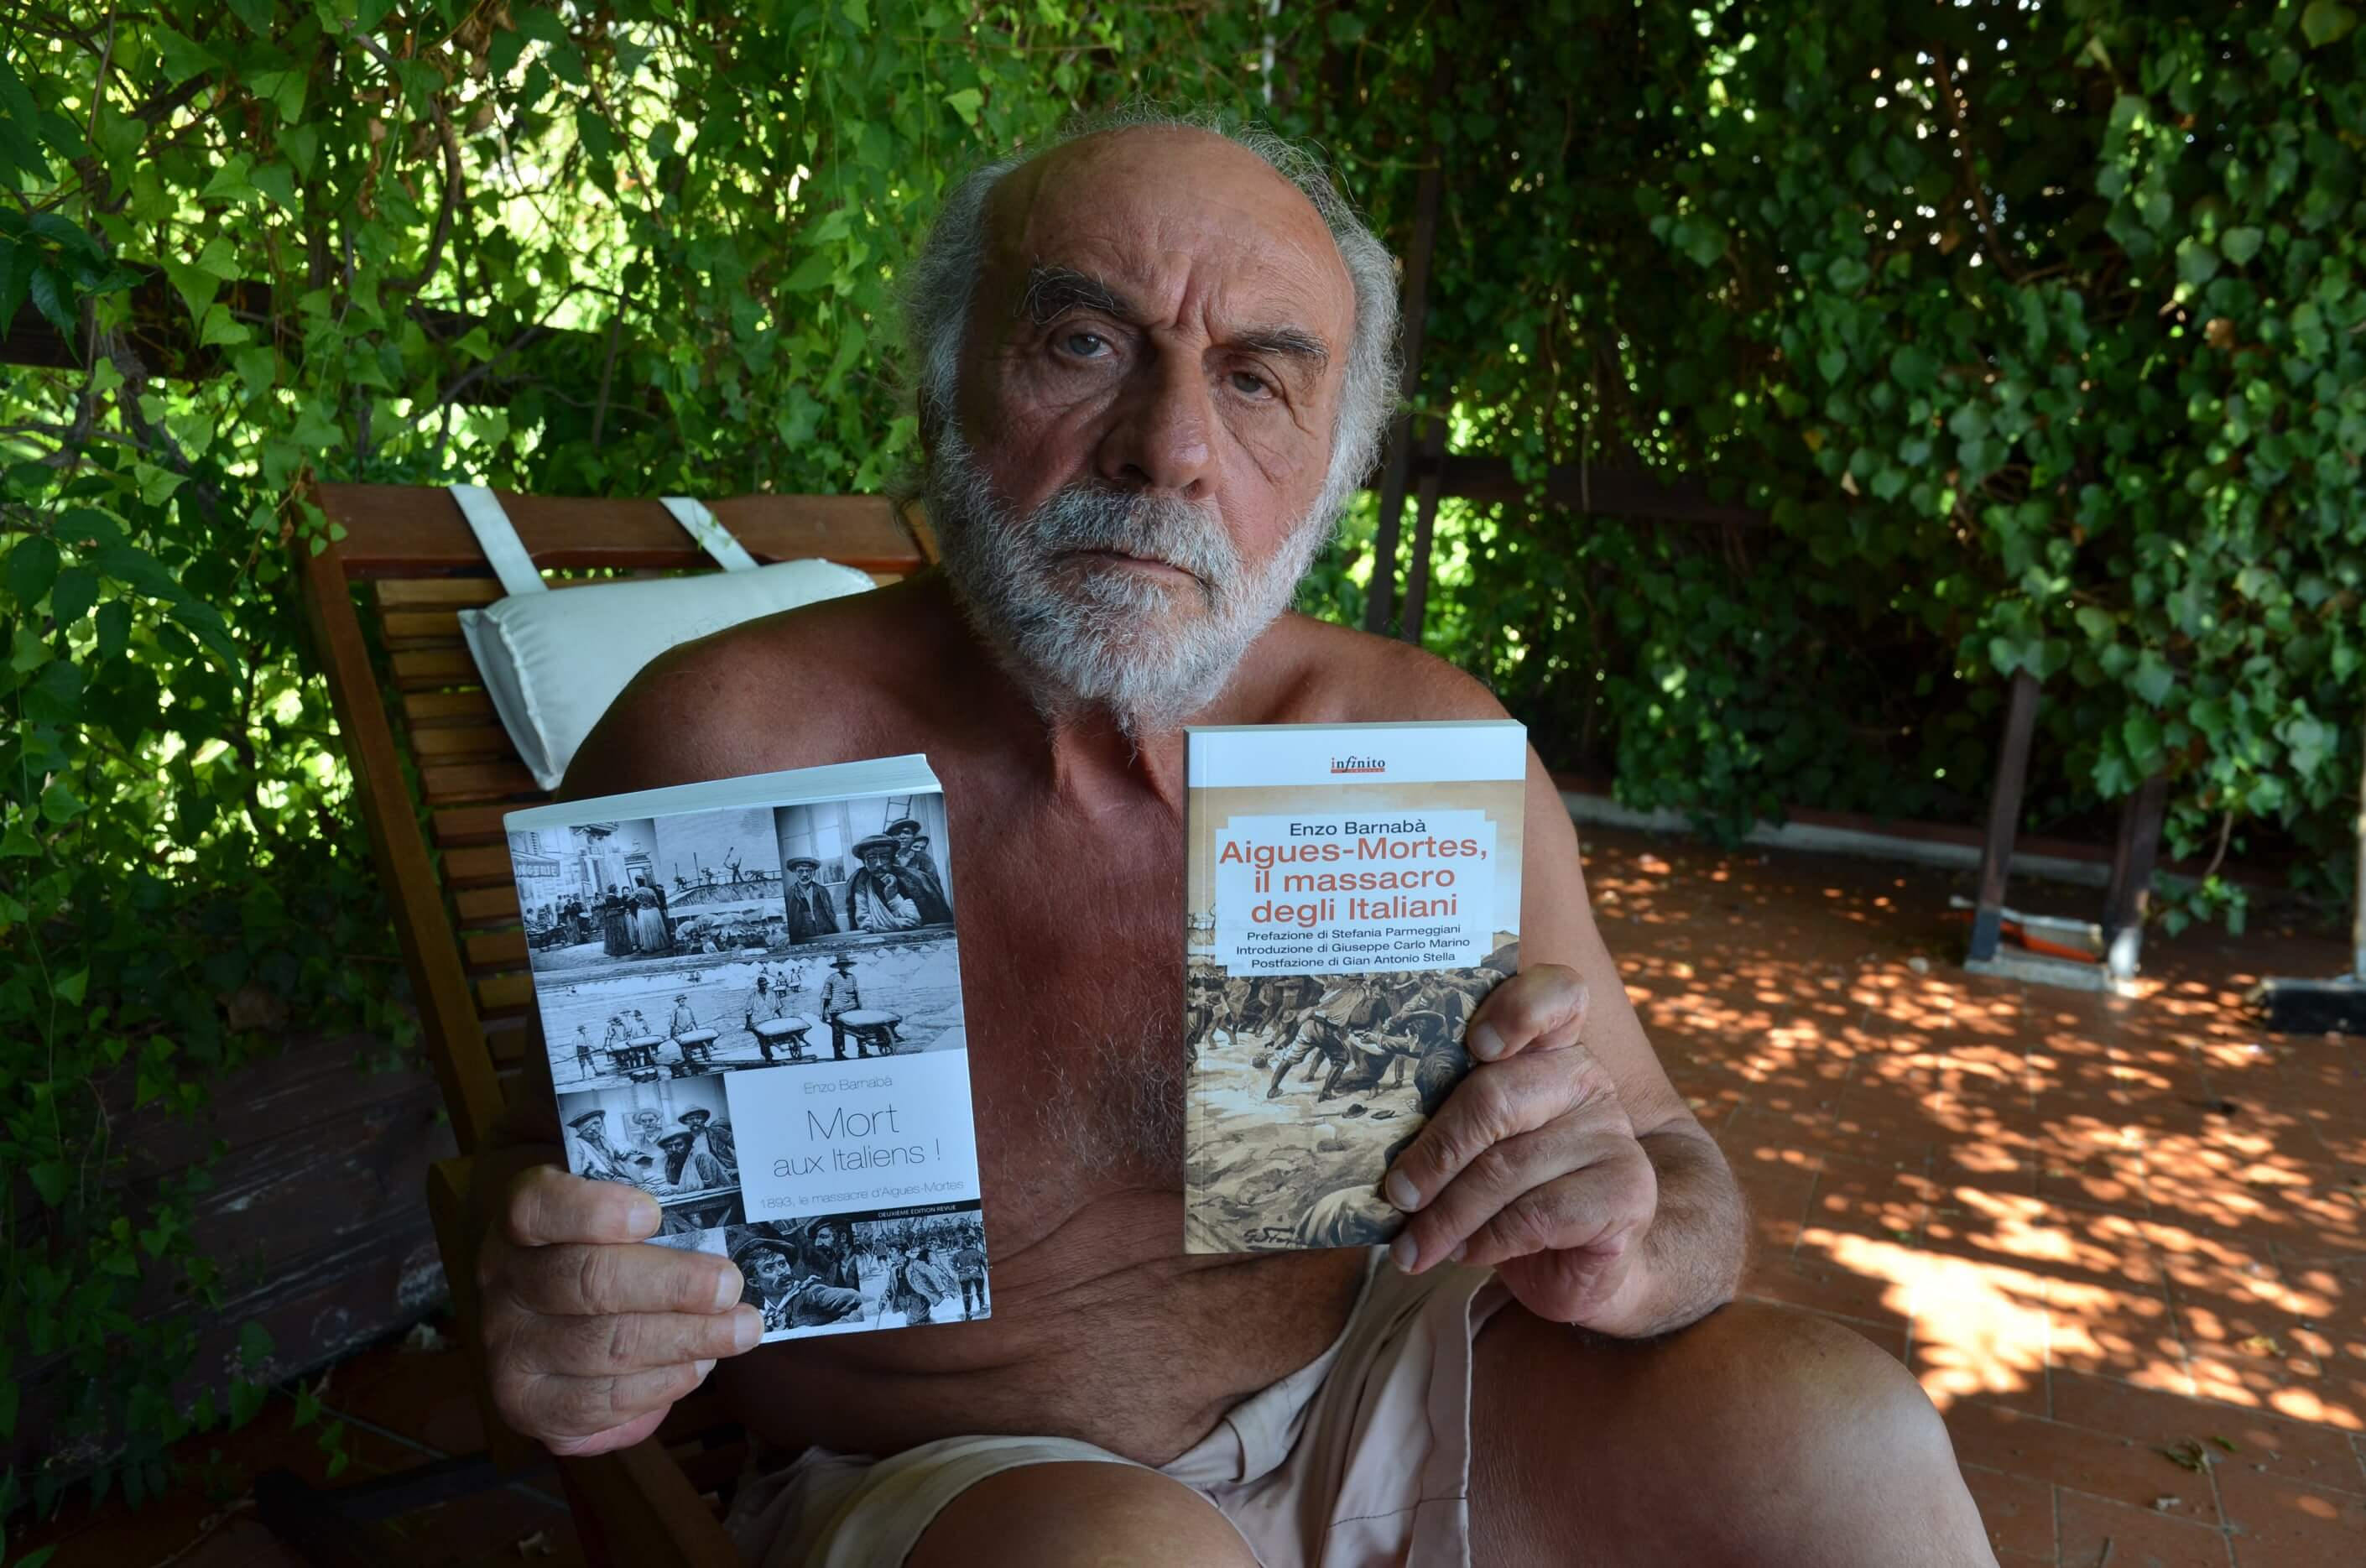 O historiador Enzo Barnabà é especialista em migração e escreveu diversos livros sobre o assunto